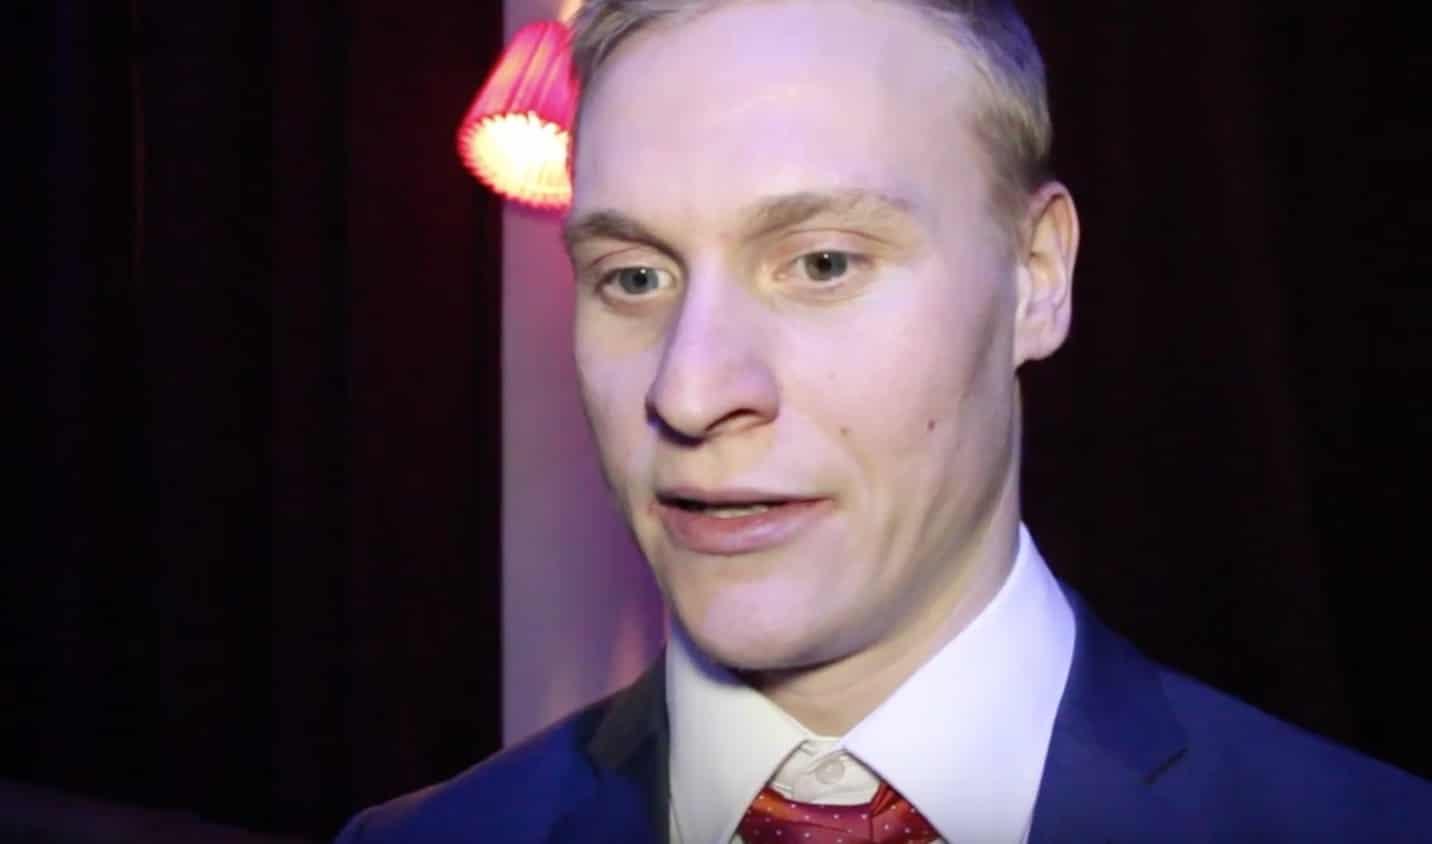 Olli Palola Jokerit KHL / Pallomeri.net